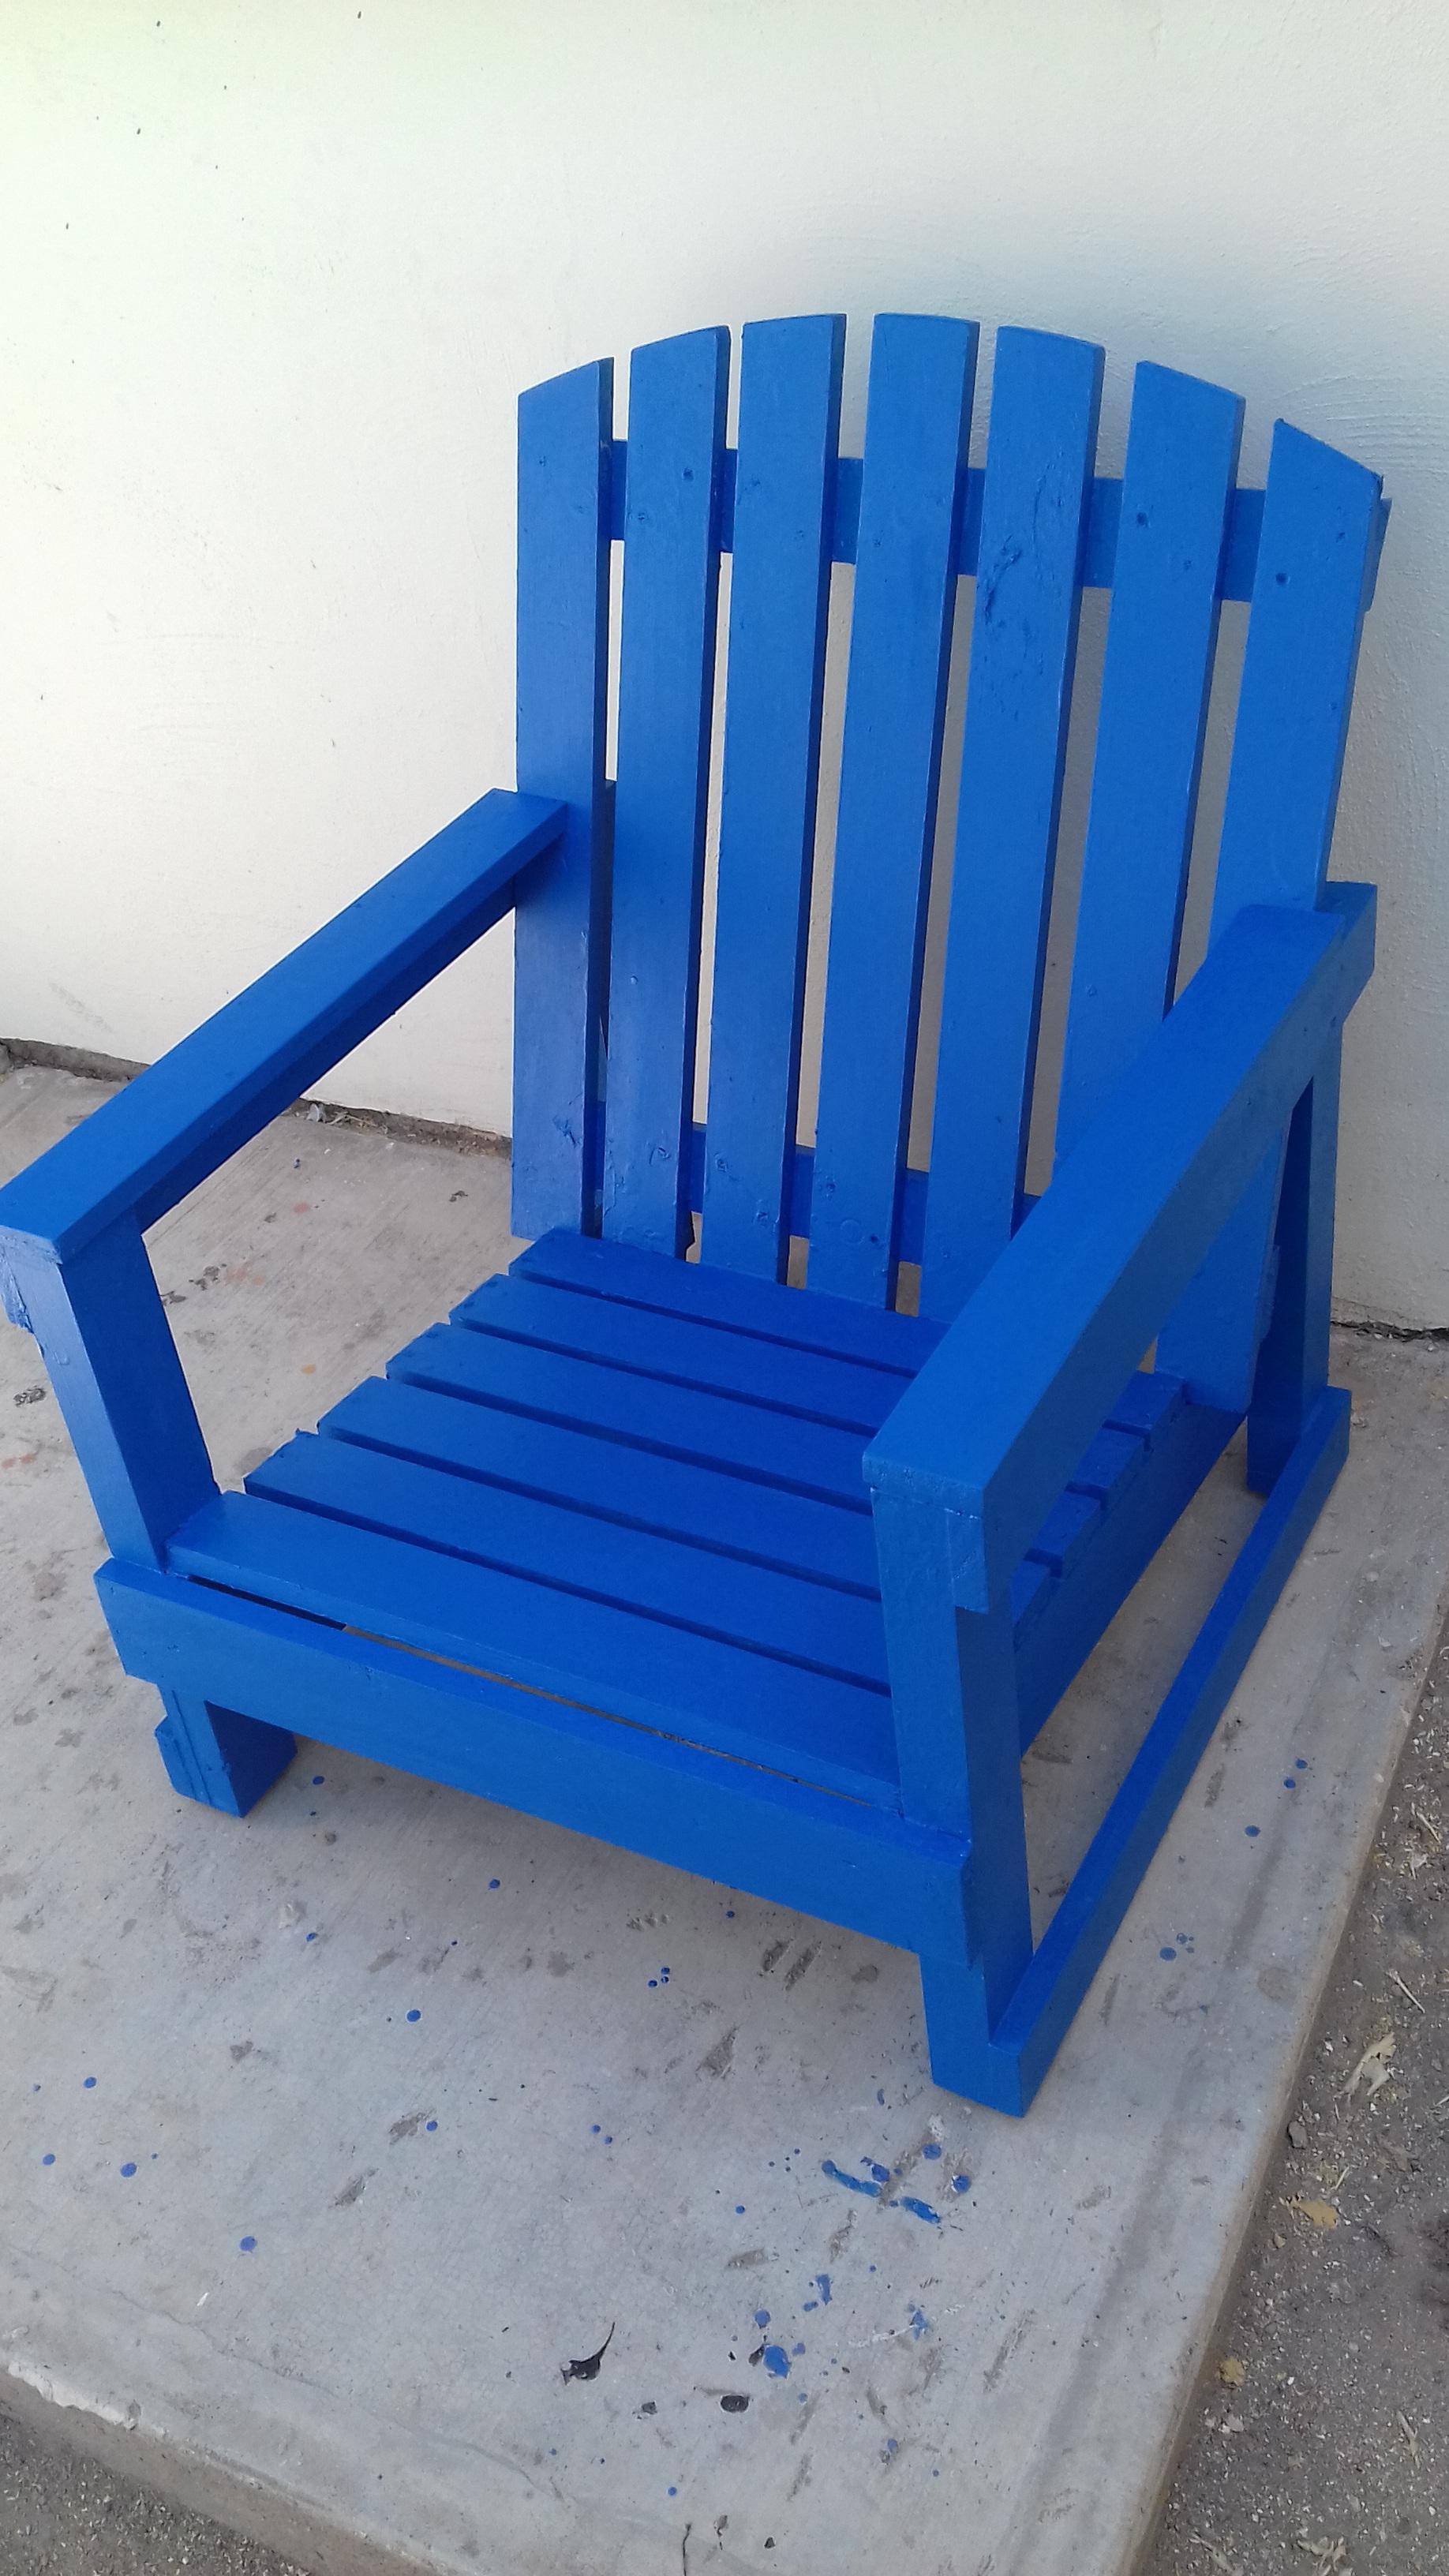 Fotos gratis : mesa, madera, banco, silla, azul, descanso, mueble ...